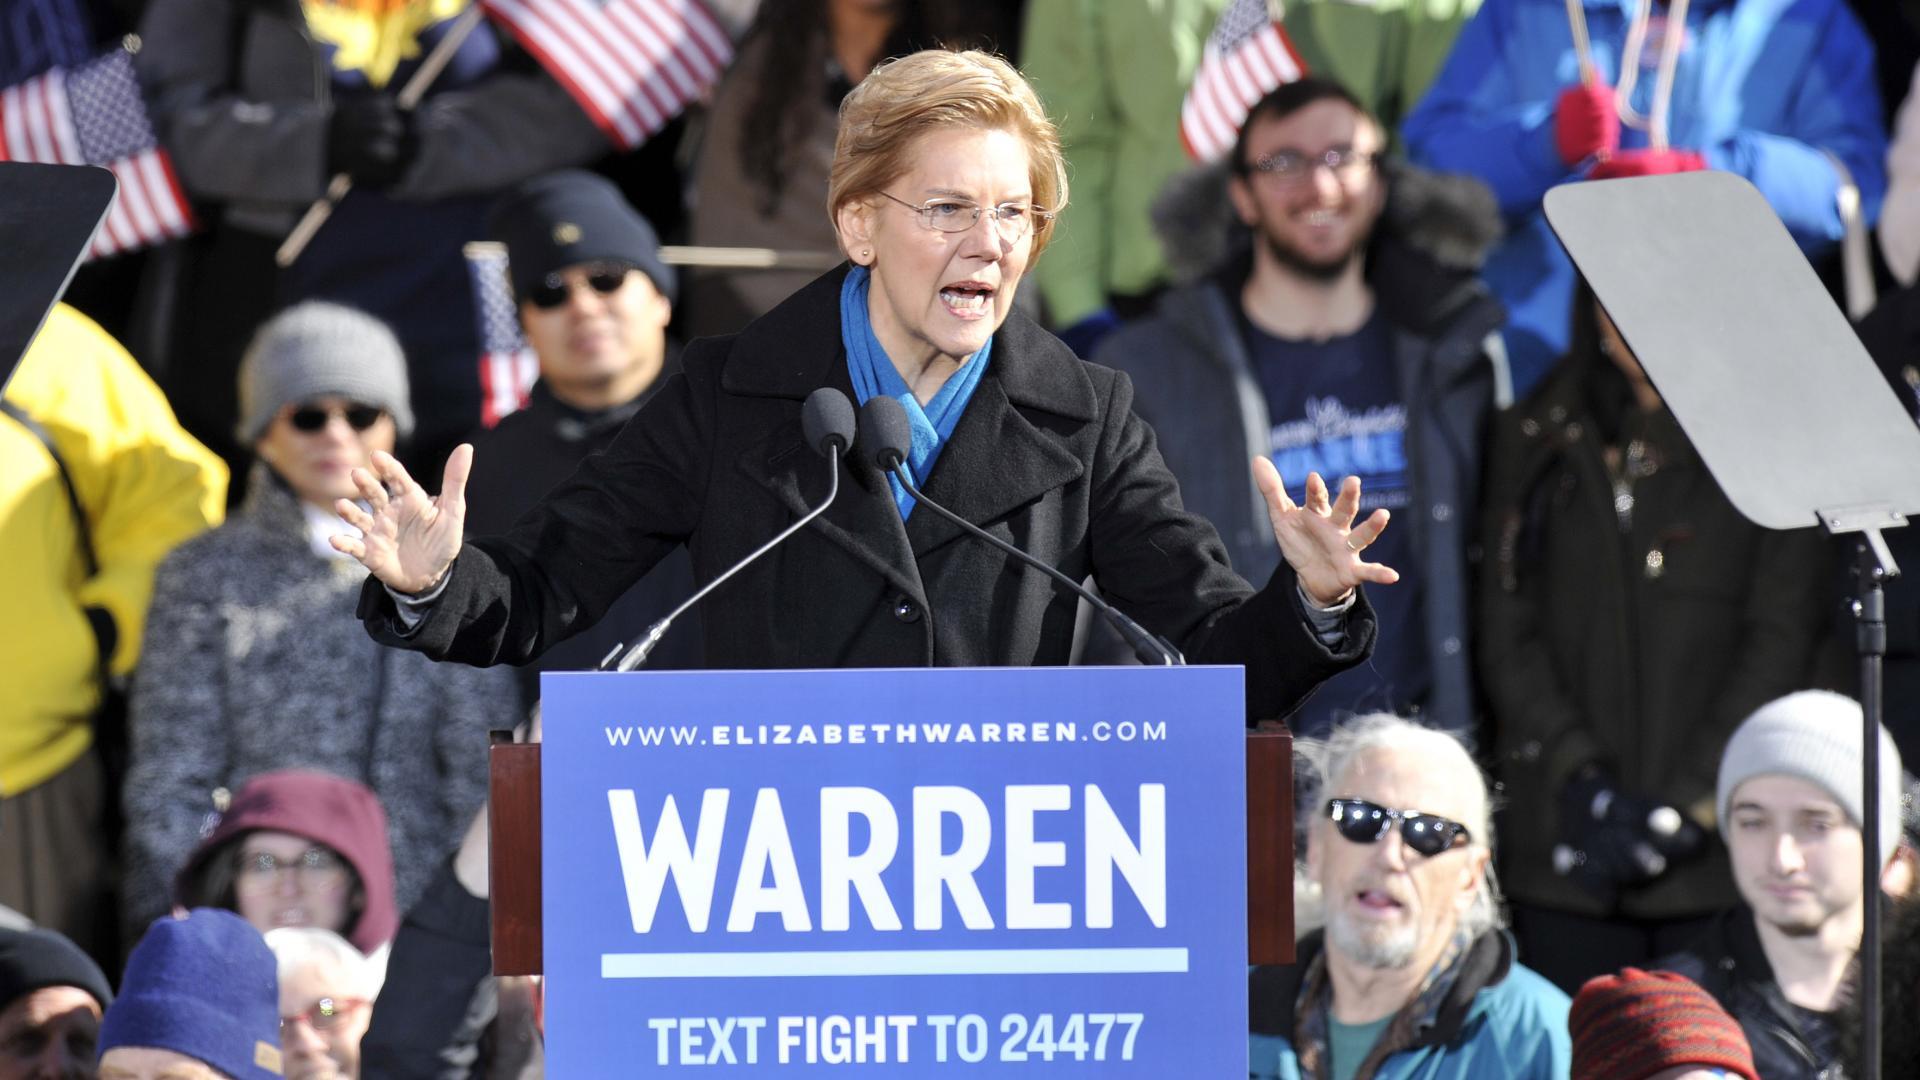 إليزابيث وارن: ترامب قد لا يكون شخصا حرا قبل الانتخابات المقبلة